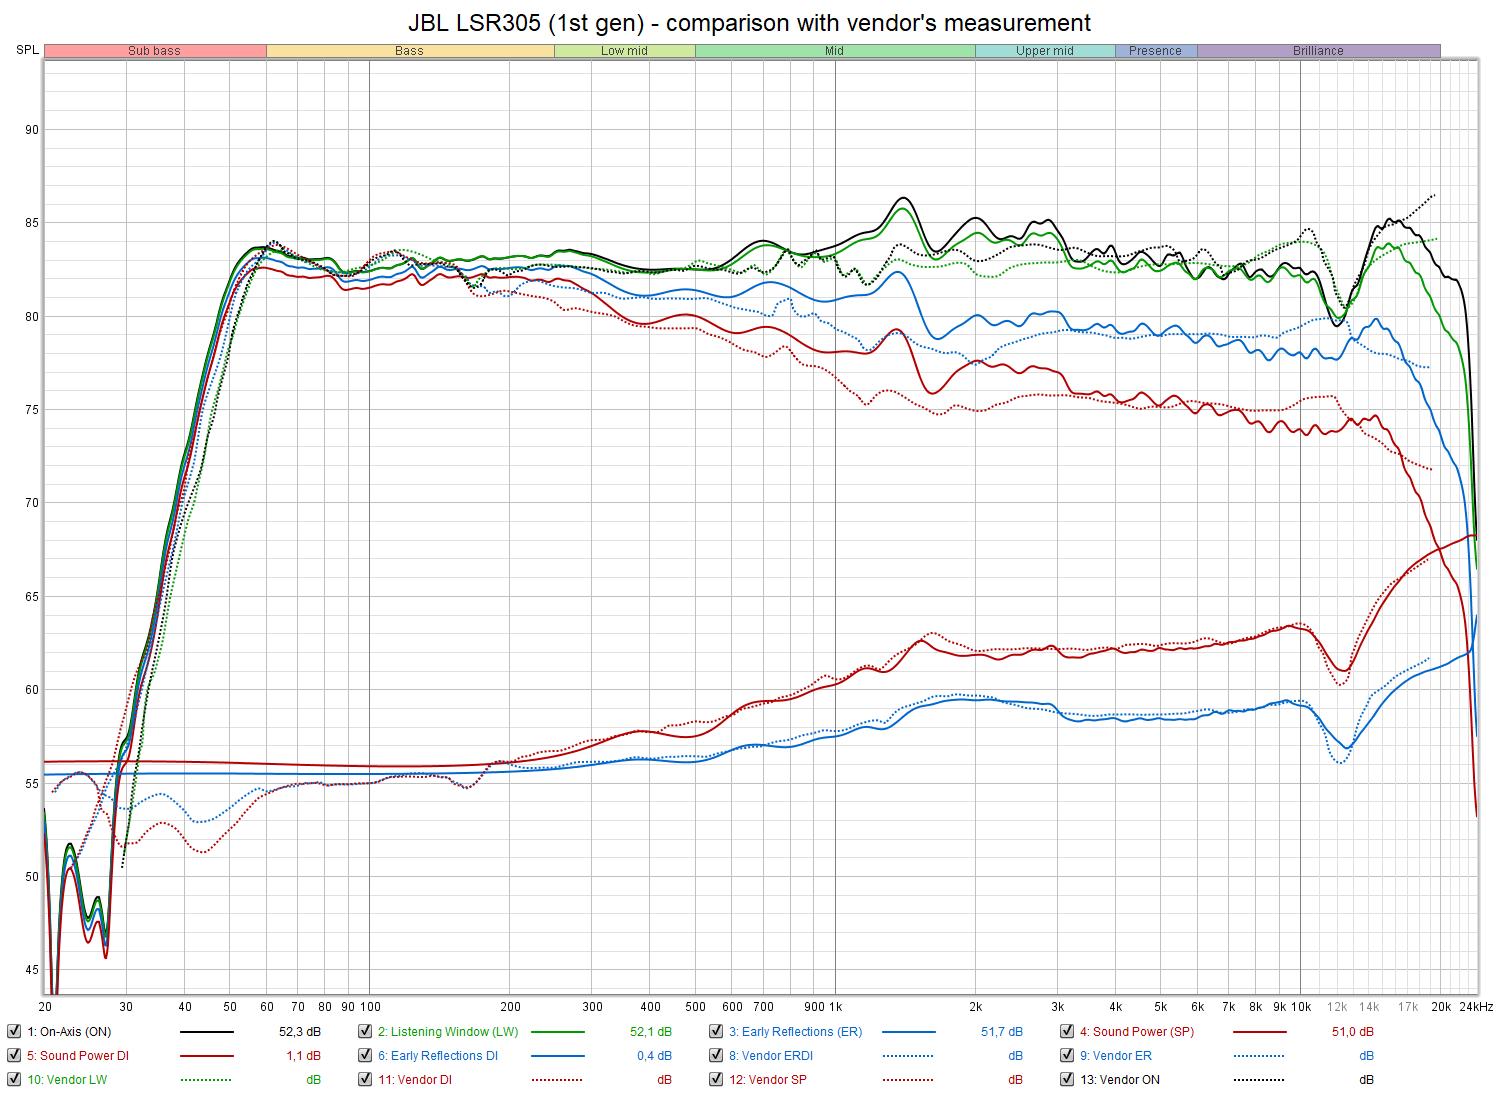 JBL LSR305 (1st gen) - comparison with digitized vendor spin.png